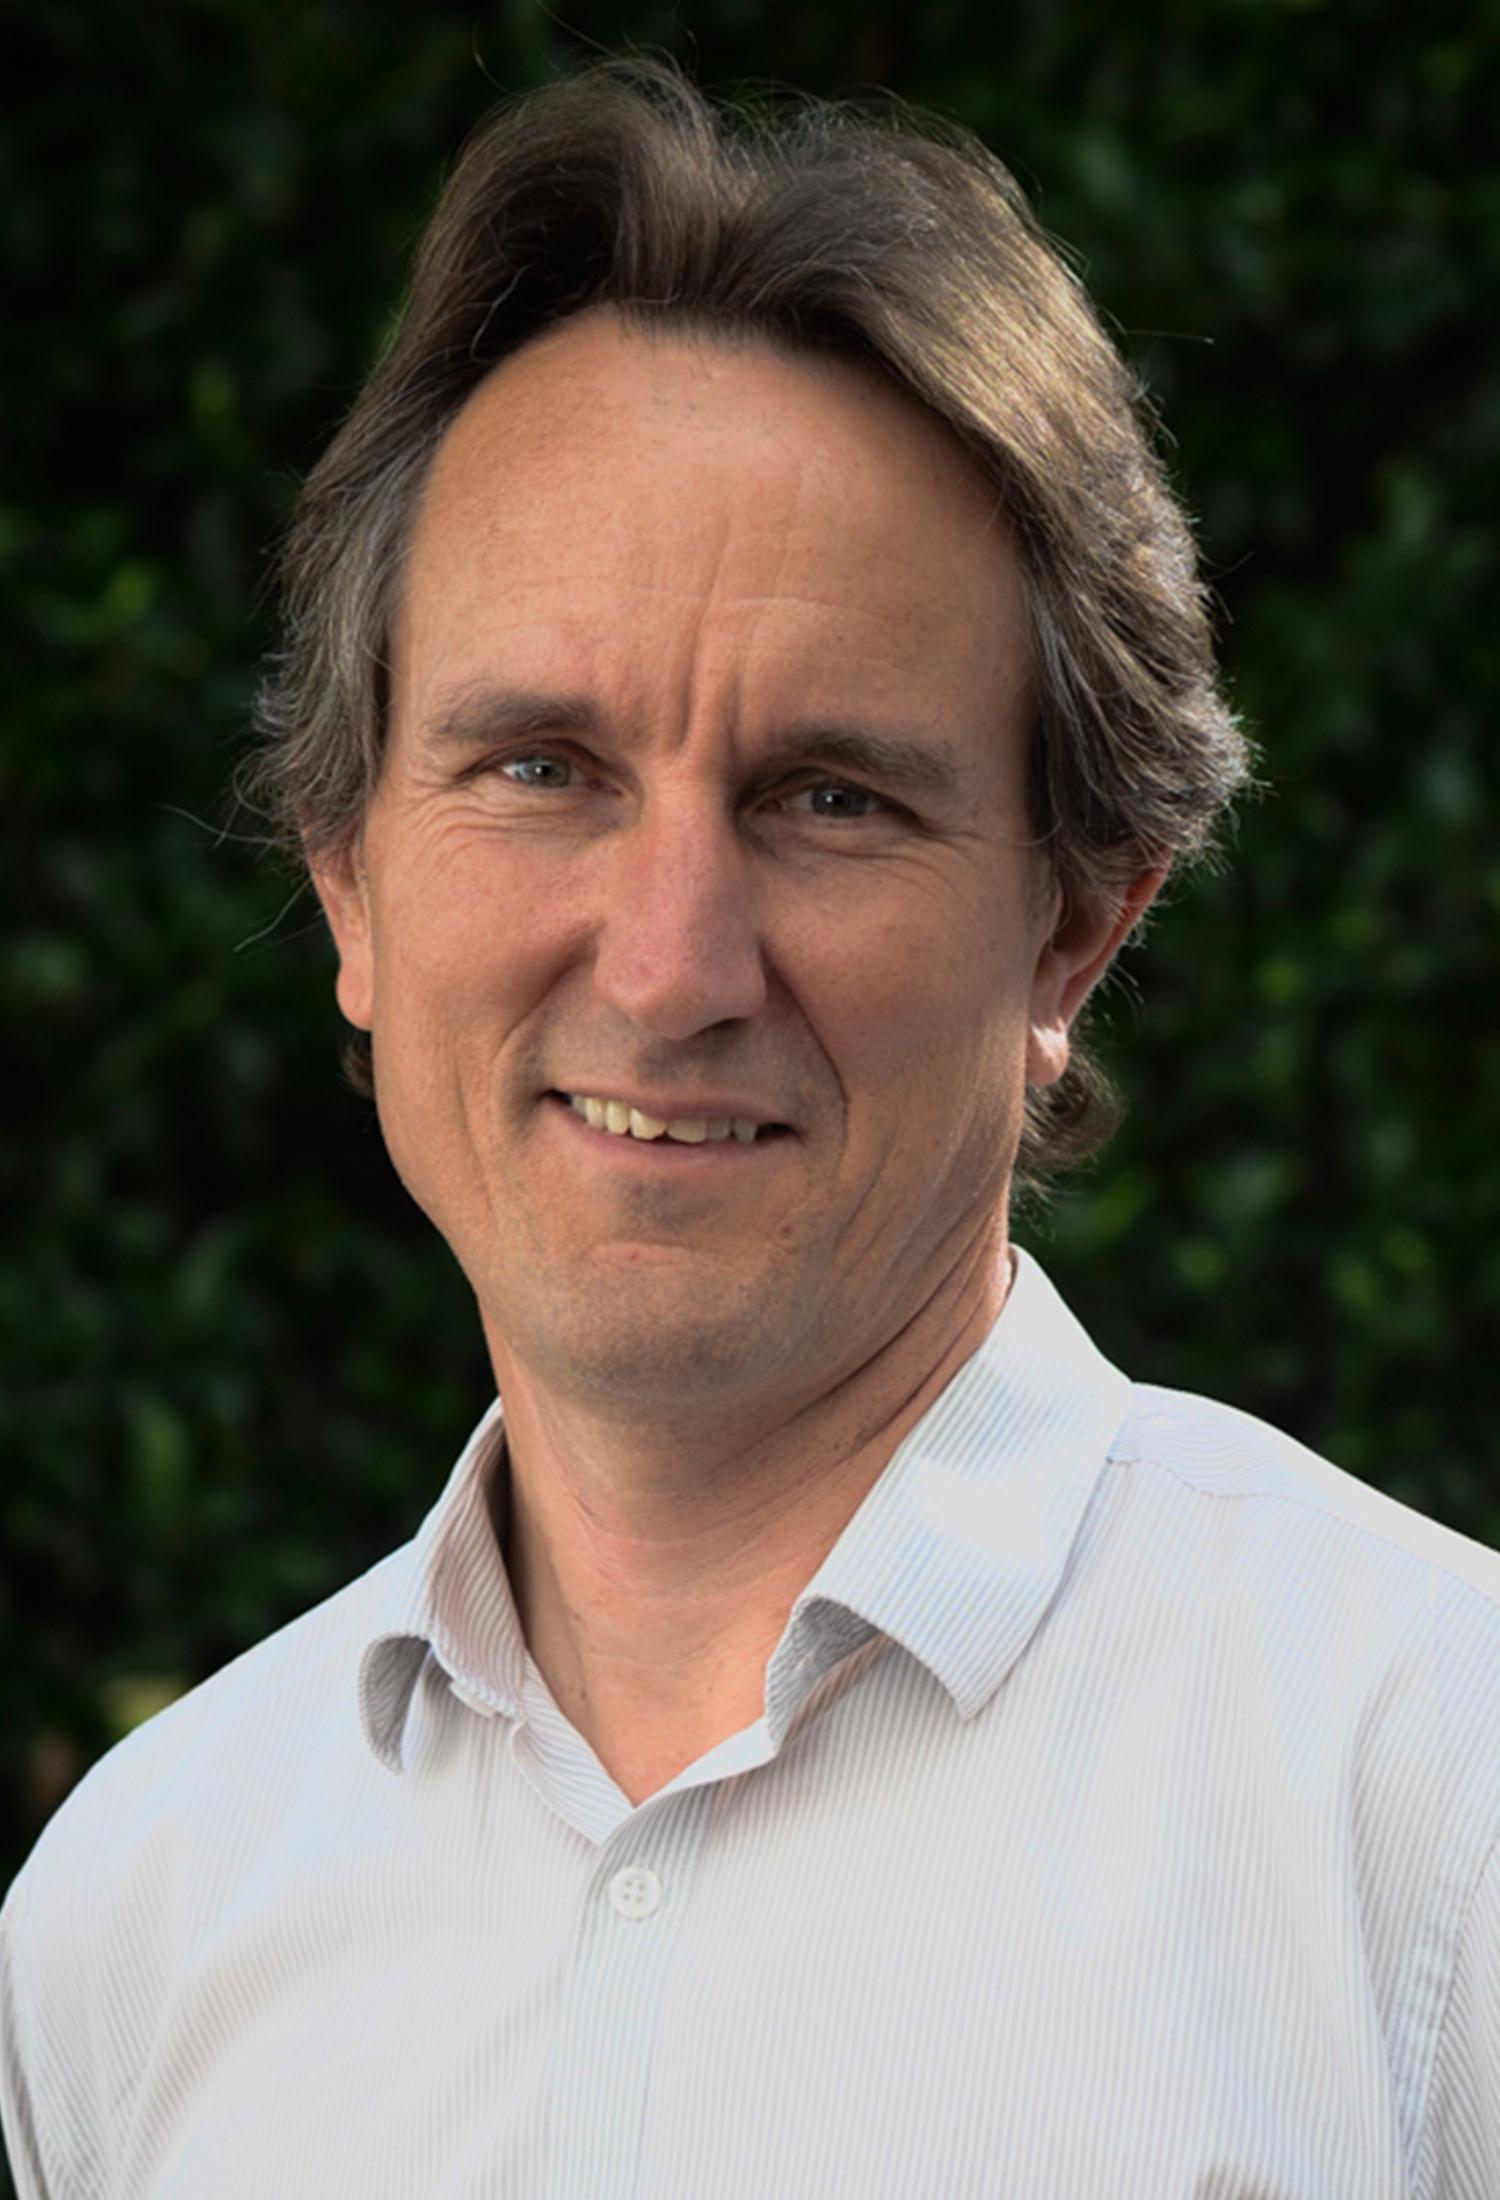 Peter Mares